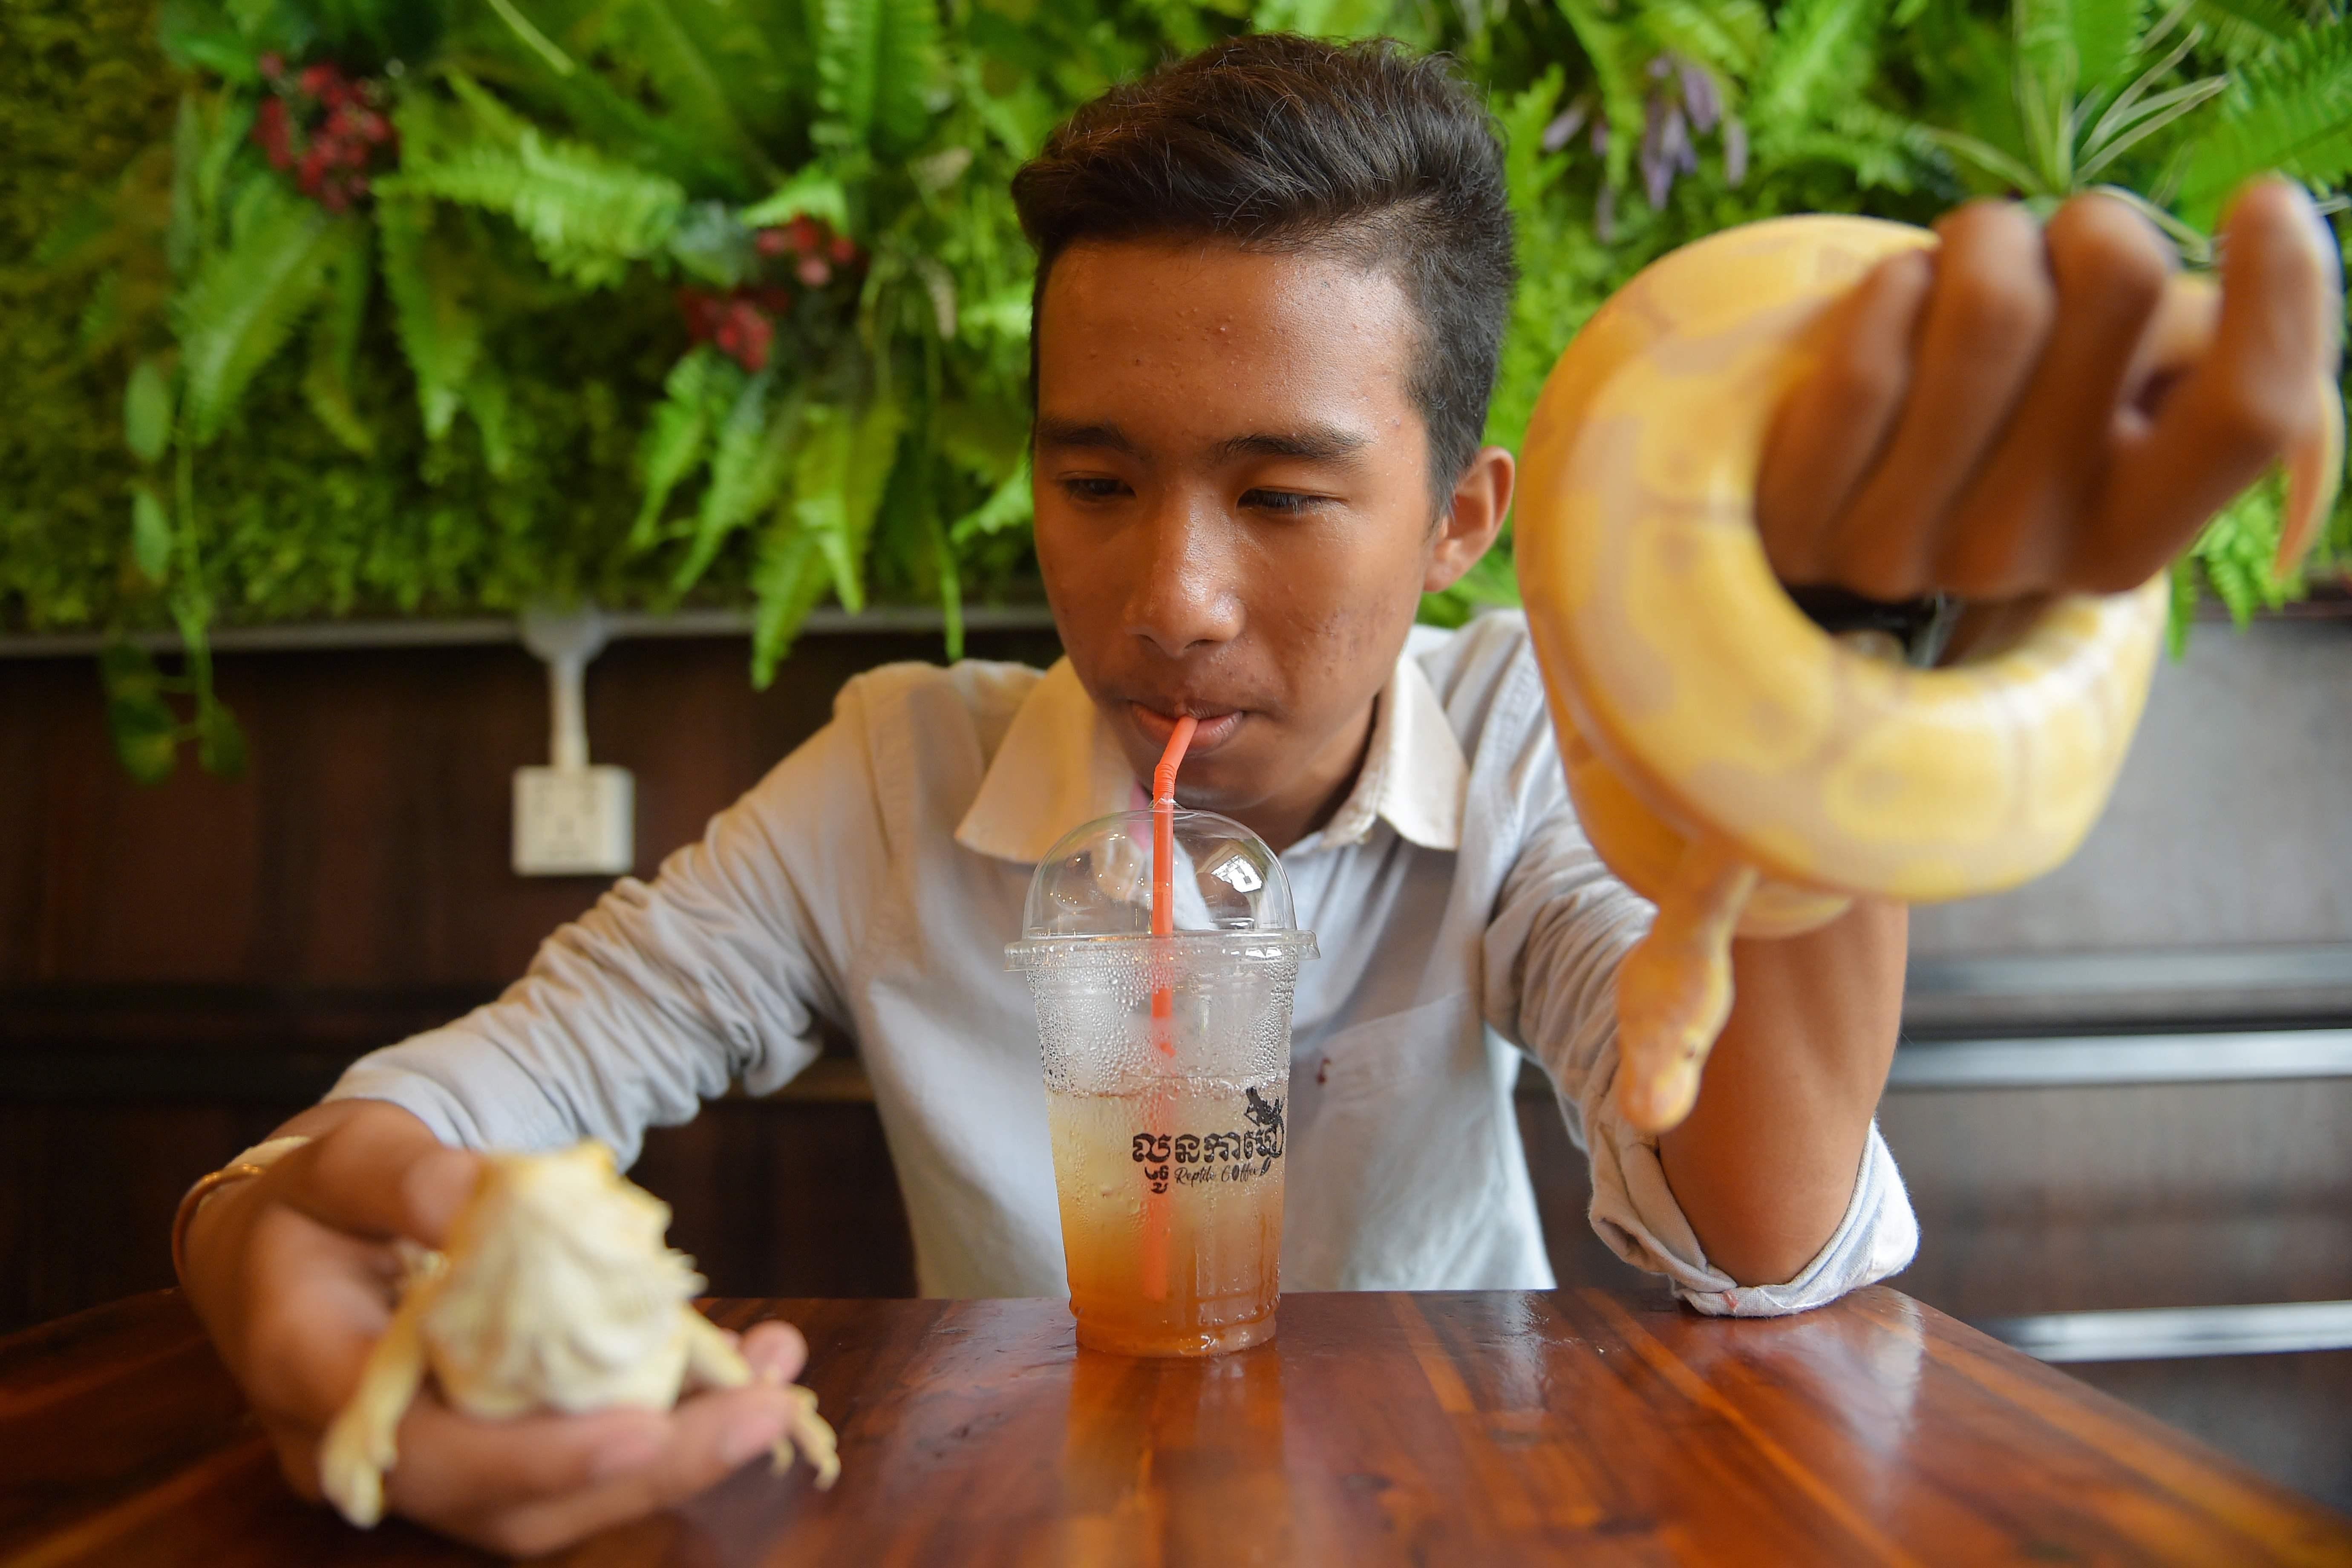 شاب يشرب العصير ويمسك الثعابين